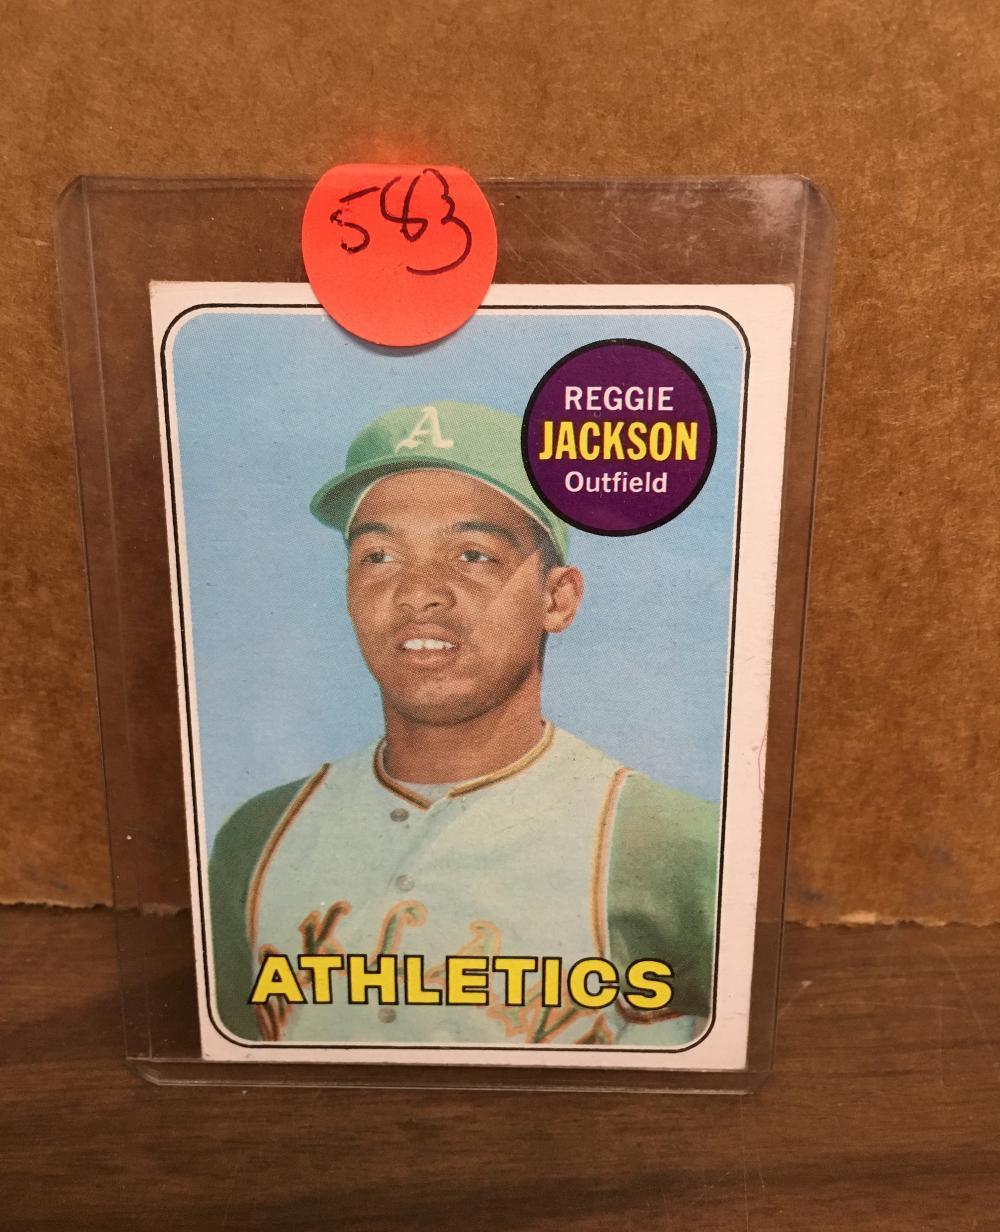 1969 Topps Reggie Jackson Rookie Card Nice